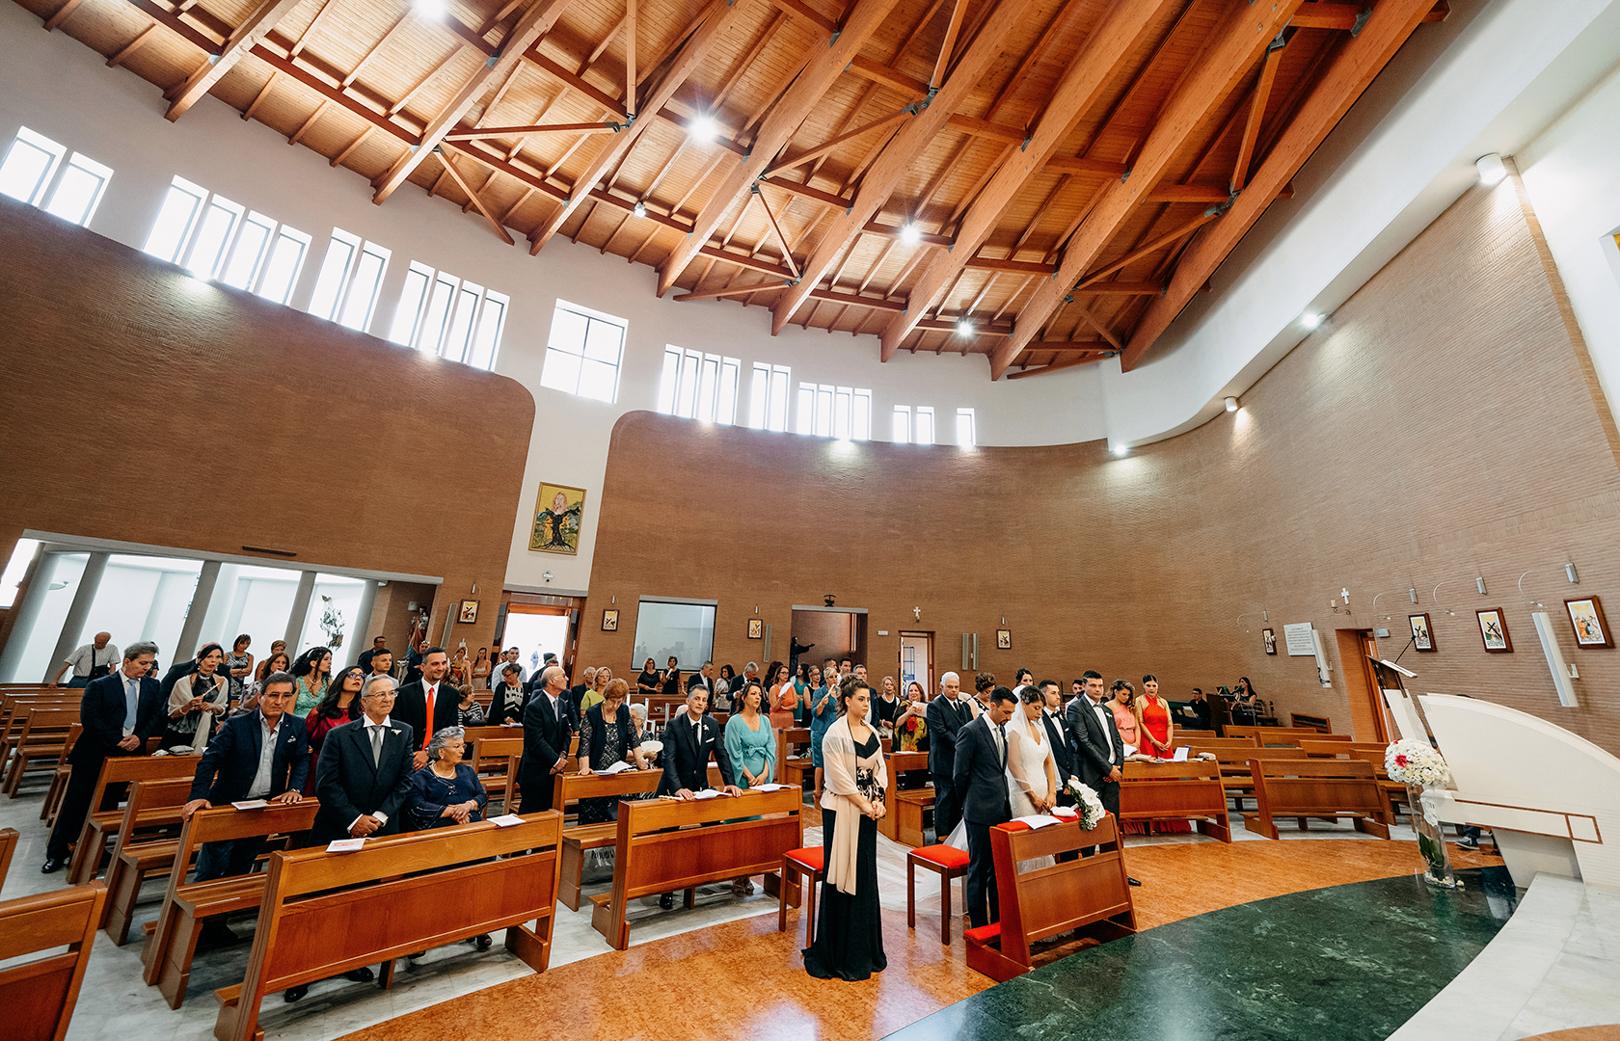 16 gianni-lepore-chiesa-matrimonio